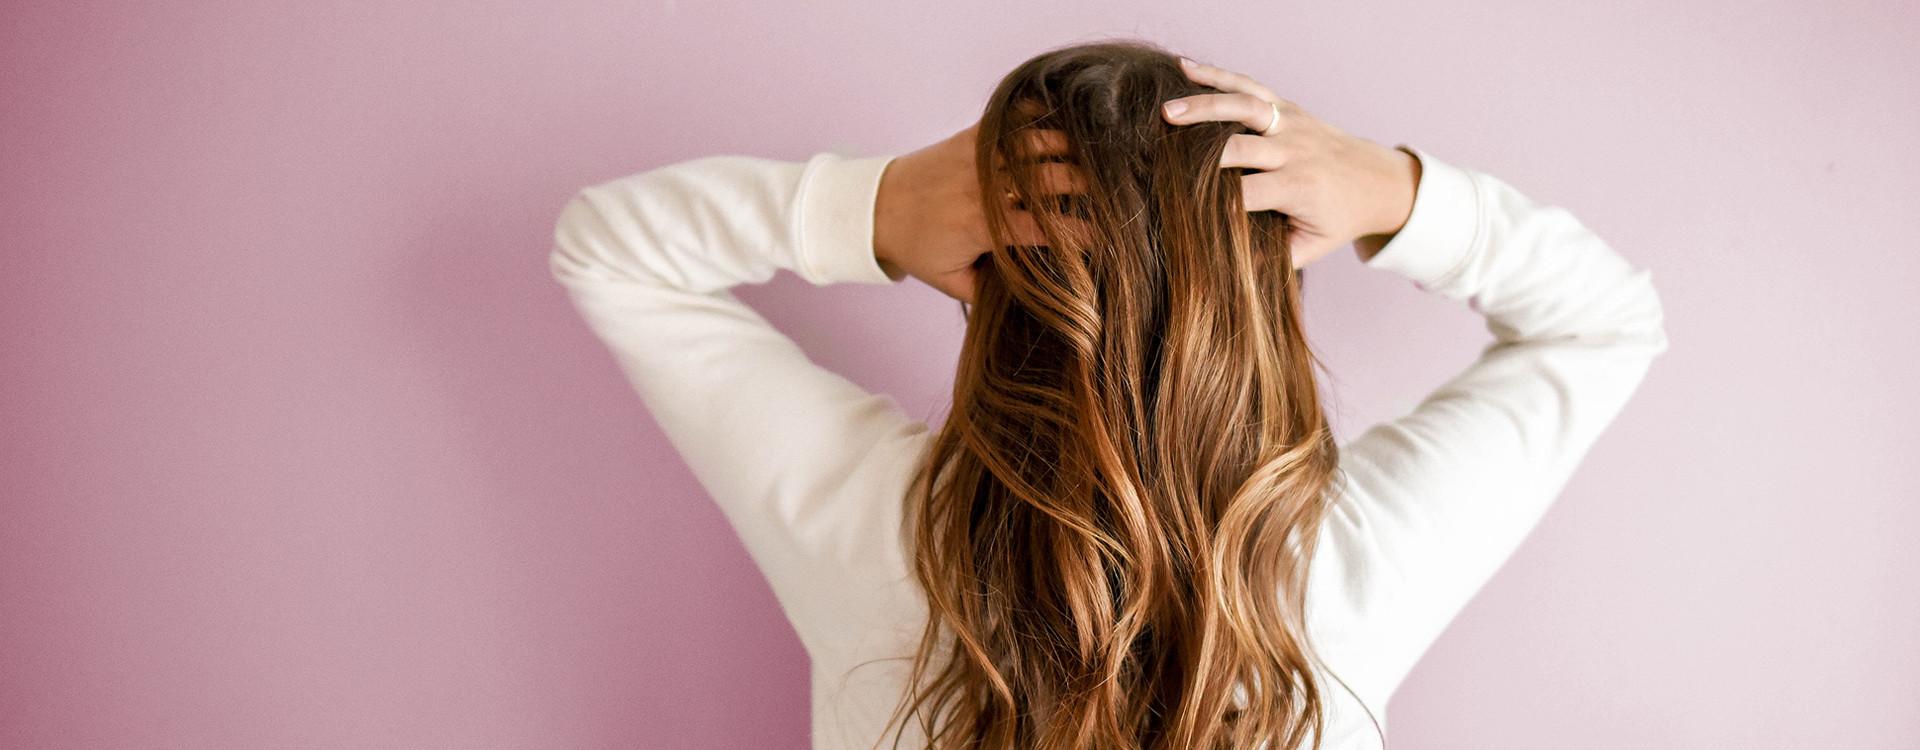 Jaki szampon na przetłuszczające się włosy?